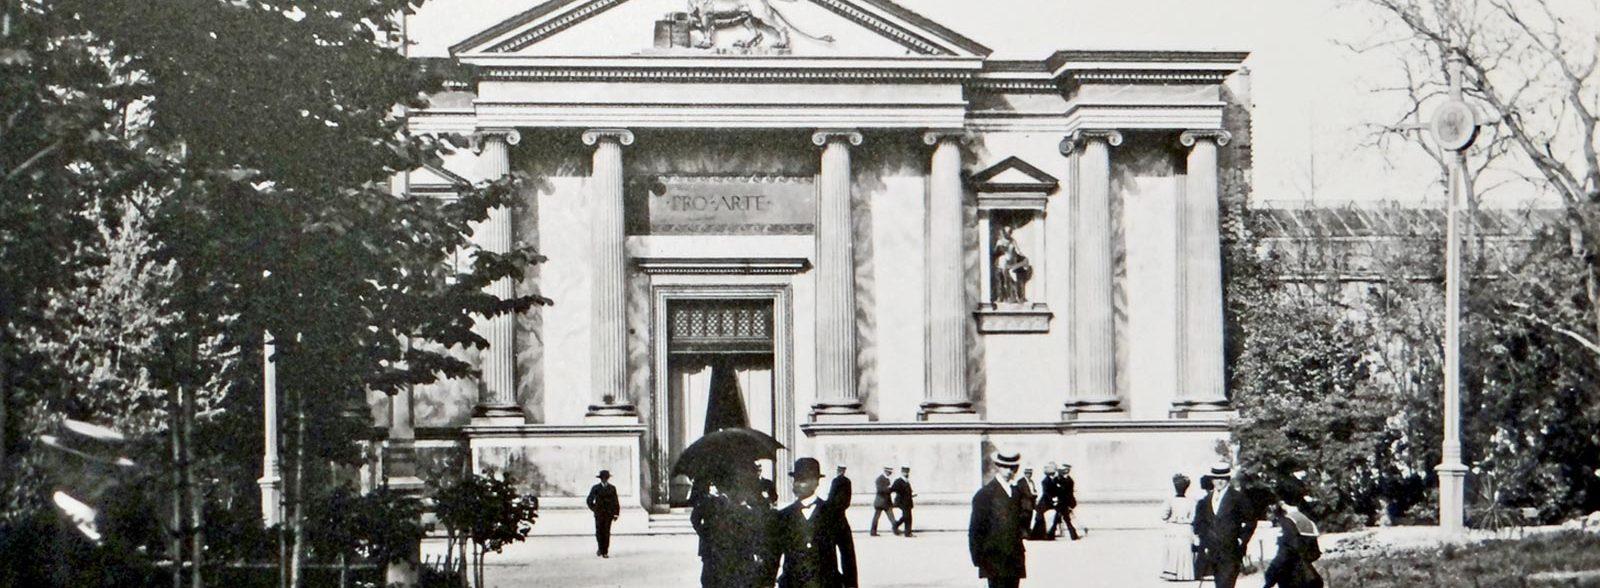 La Biennale d'Arte di Venezia:  tutte le informazioni necessarie